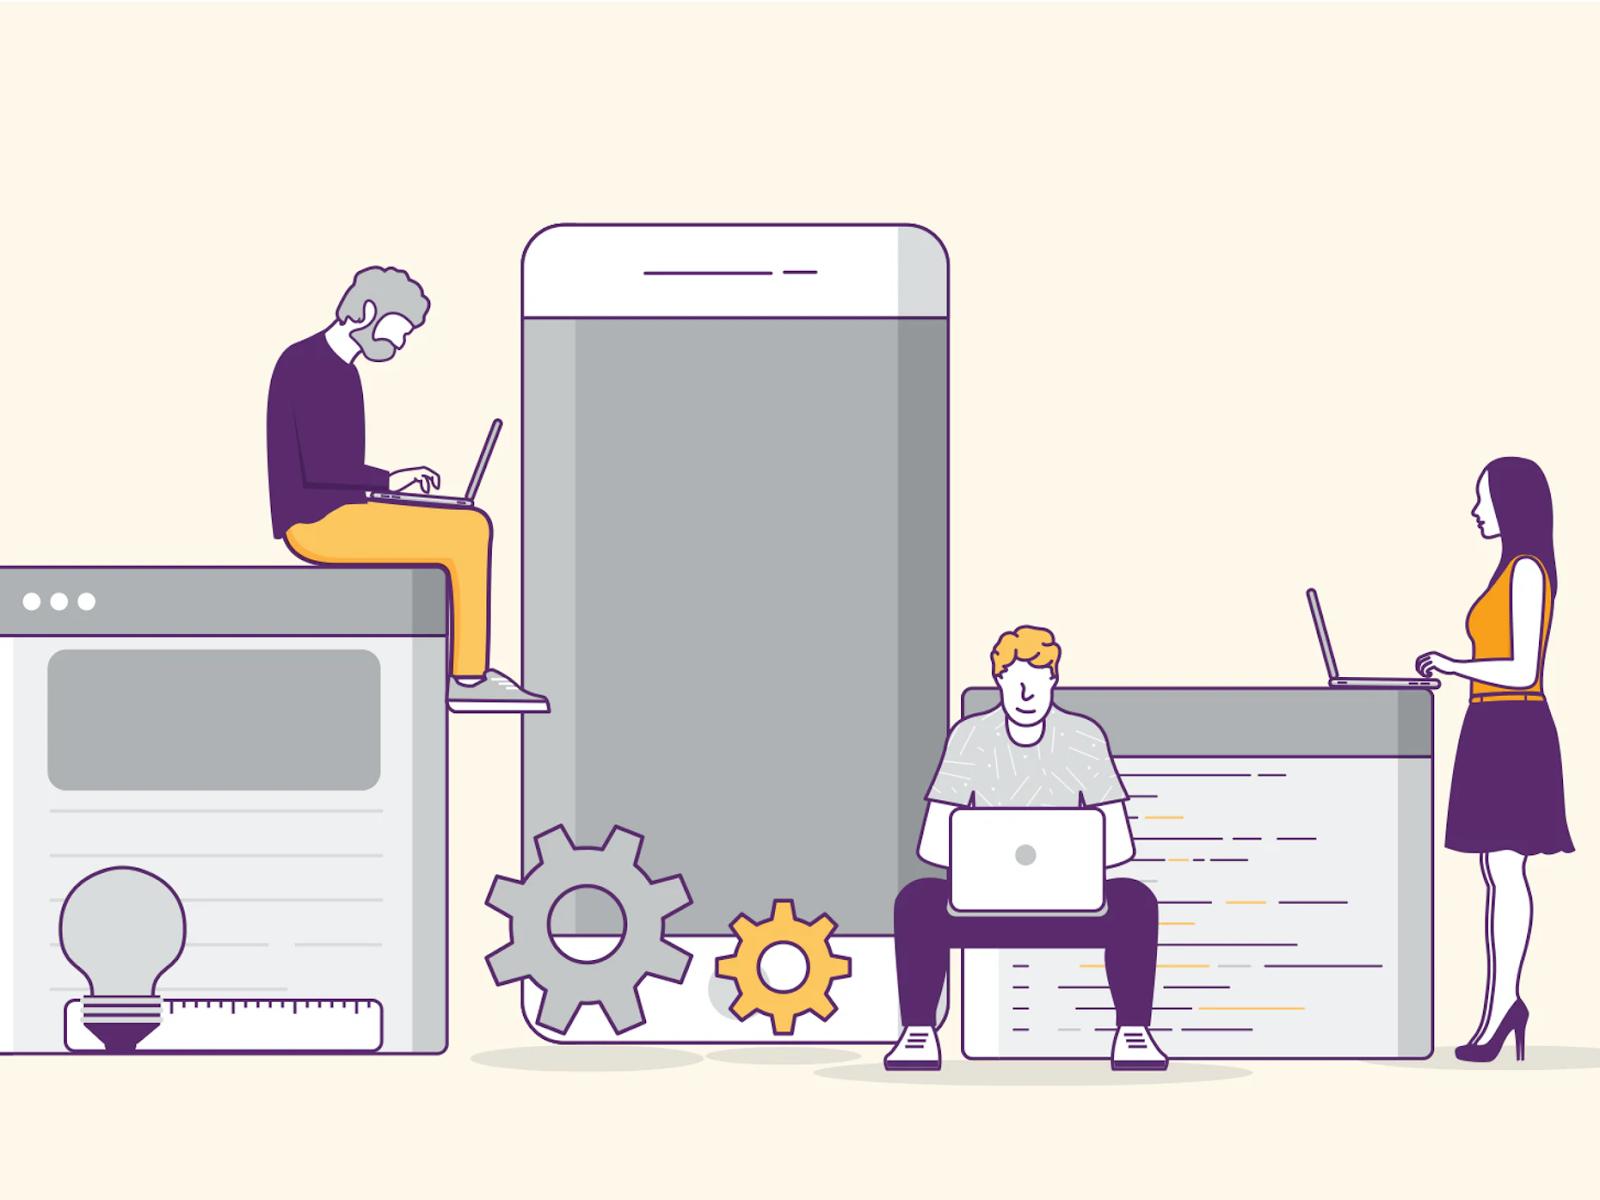 Đội ngũ của On digitals có thể đáp ứng được nhu cầu của bạn